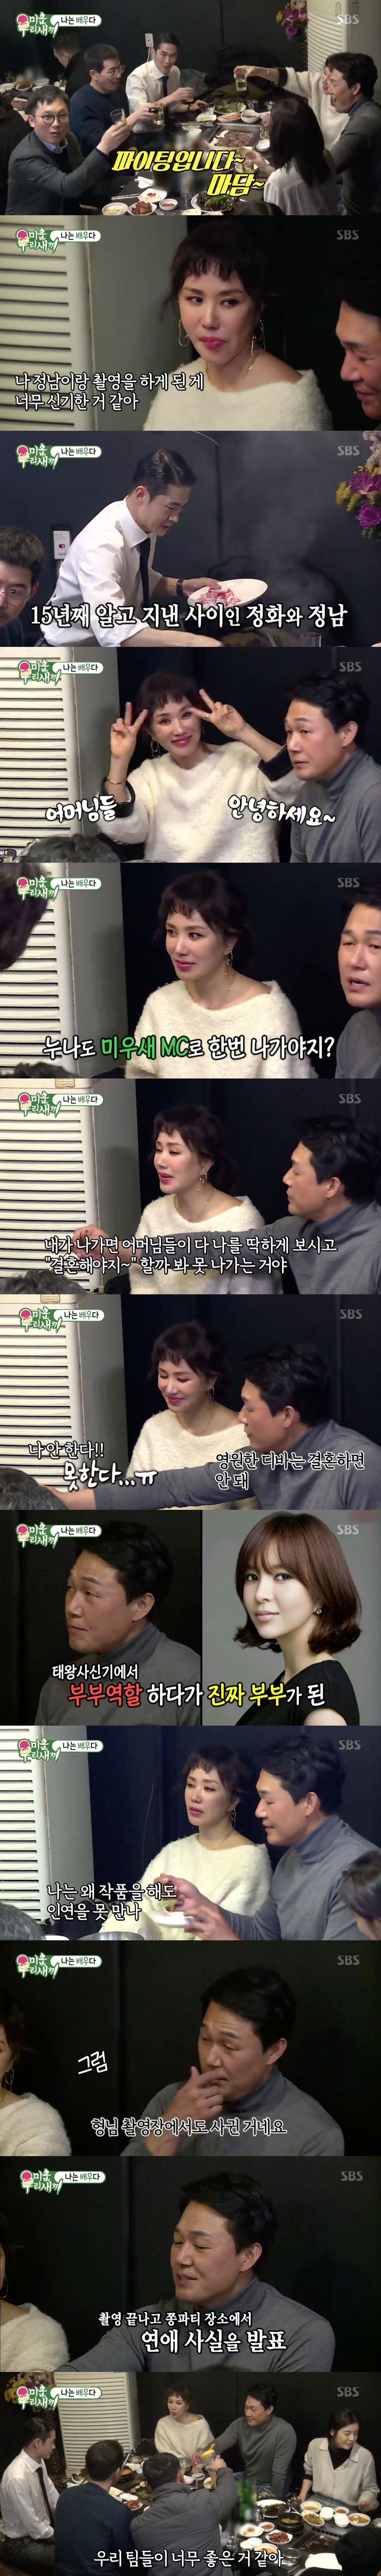 기사 대표 이미지:미우새 배정남X엄정화와 15년 인연…박성웅♥신은정 러브 스토리 공개